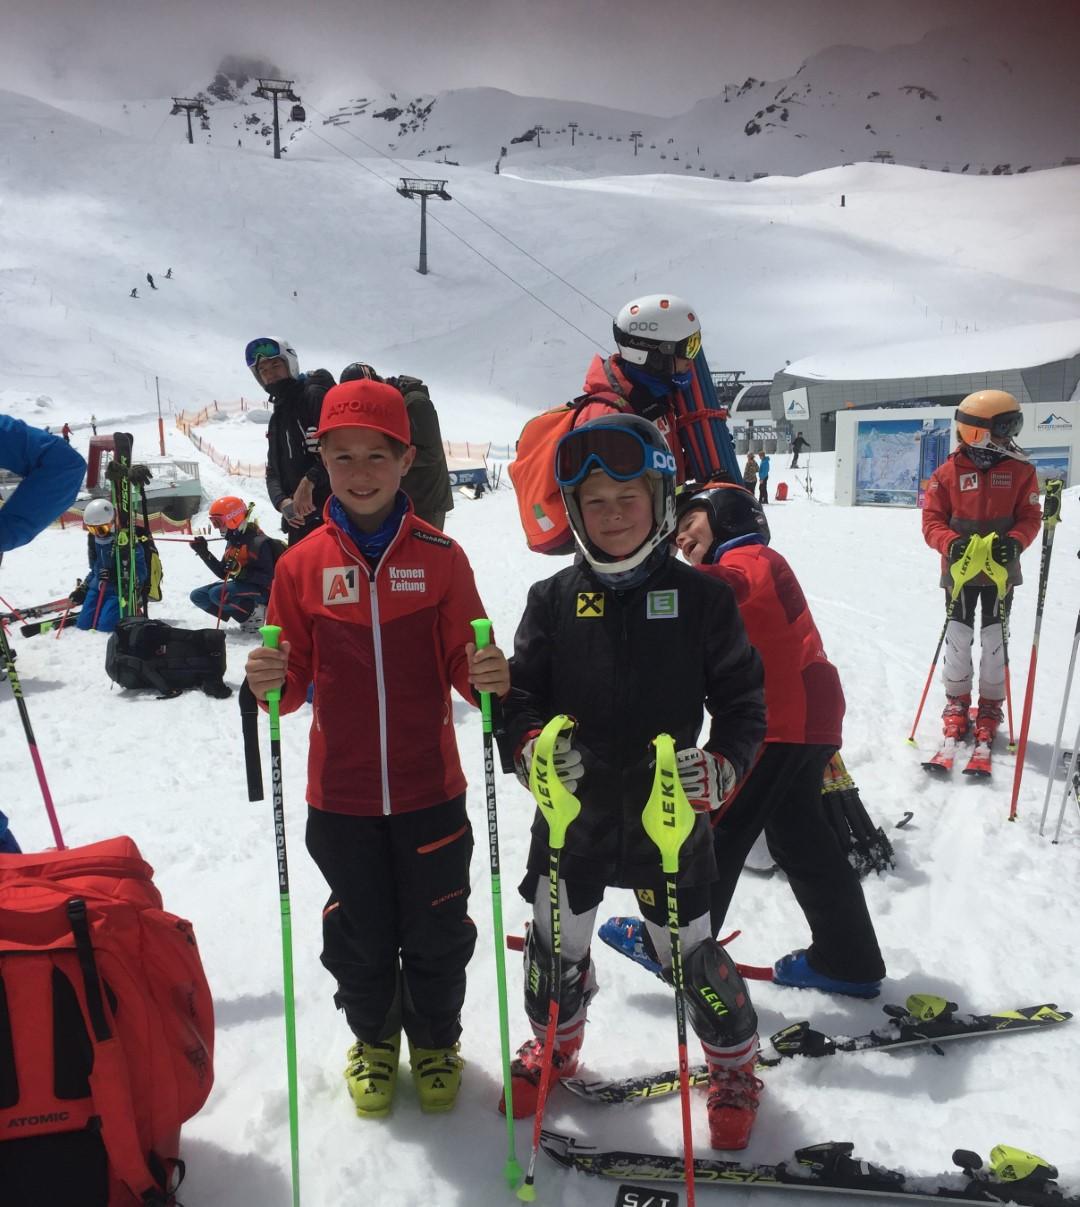 Trainingskurs am Kitzsteinhorn